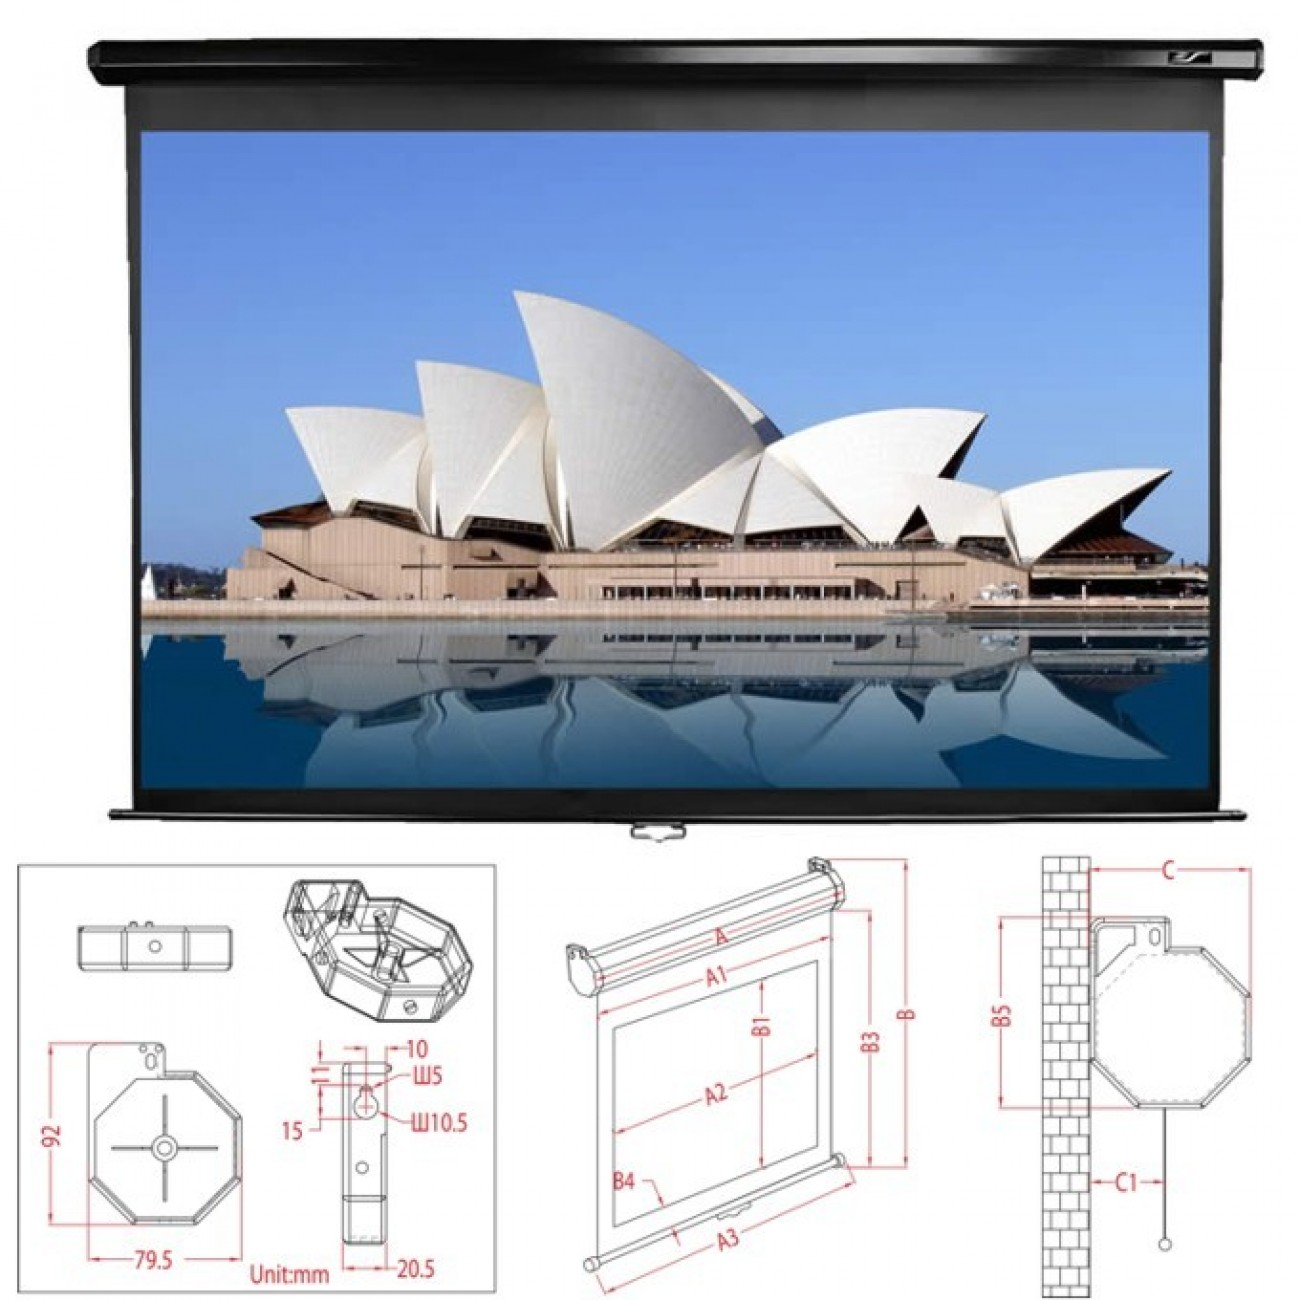 Екран Elite Screens 136 (345.44 cm), 243.84 x 243.84 cm ползваема площ, окачване на стена/таван, 2г. в Екрани за проектори -  | Alleop